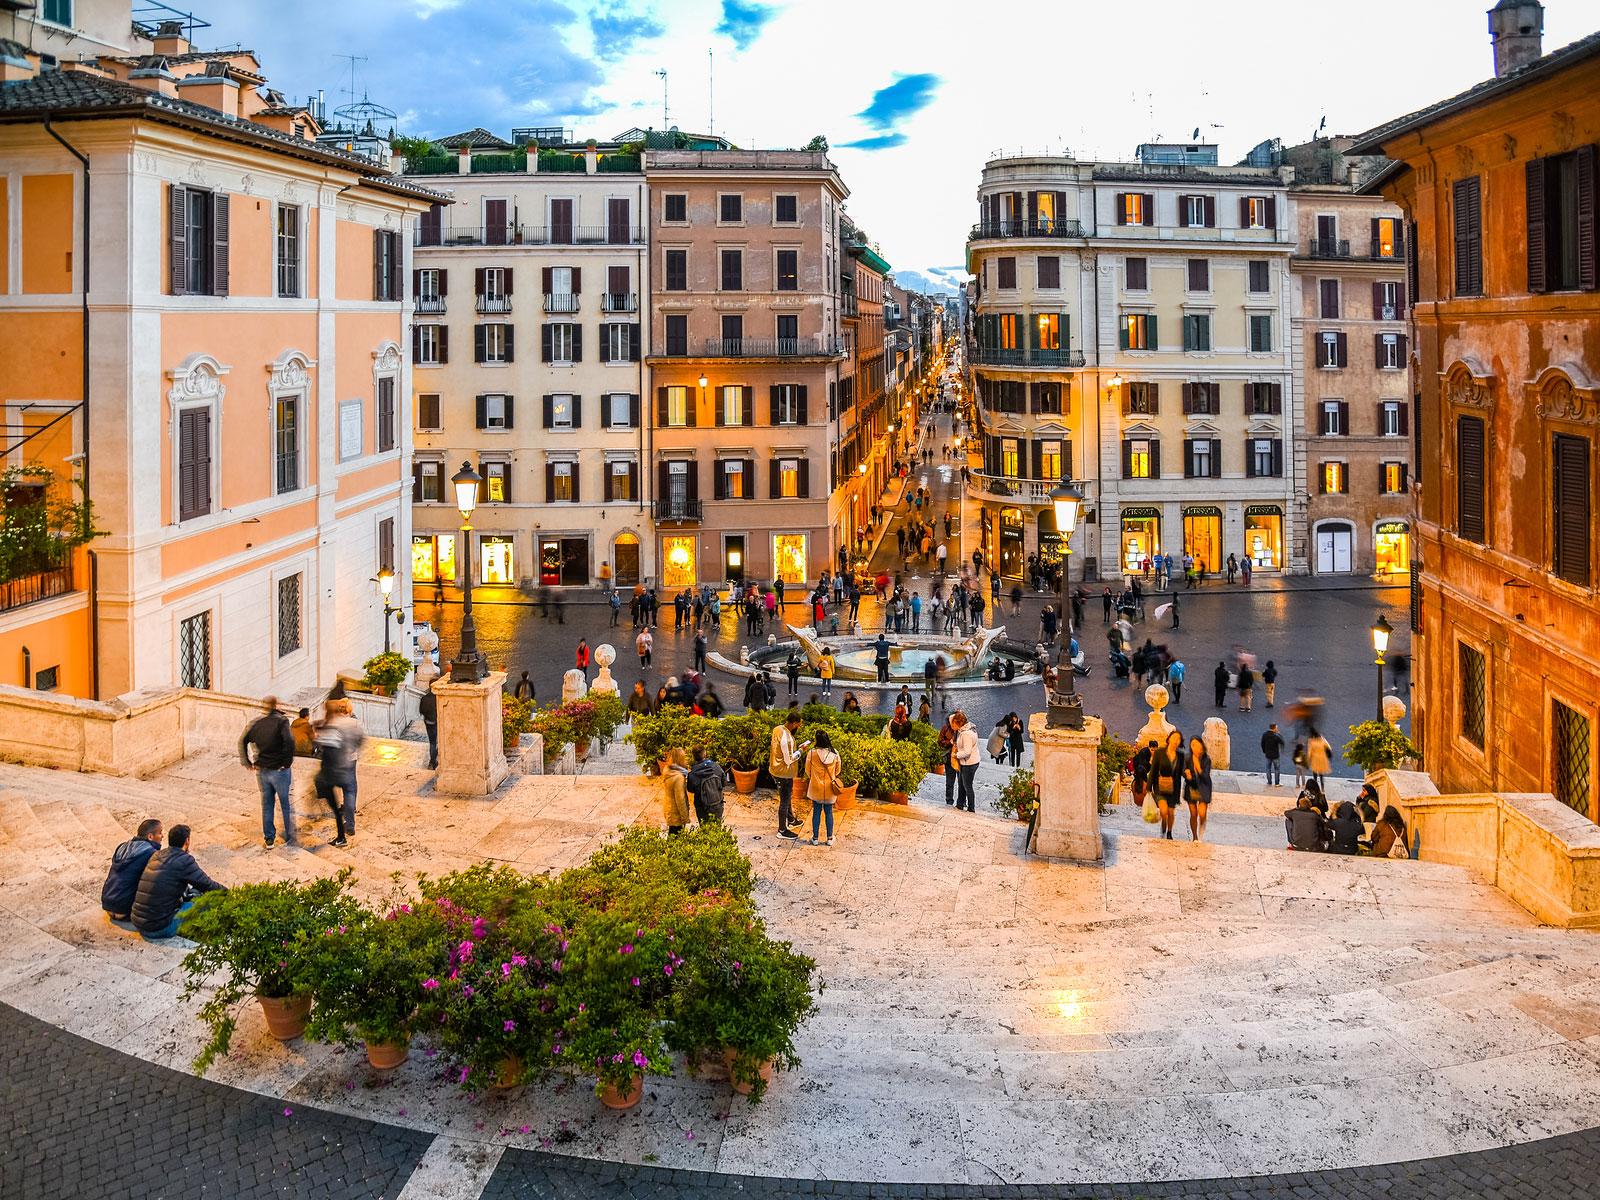 Via Veneto Roma Spansketrappen